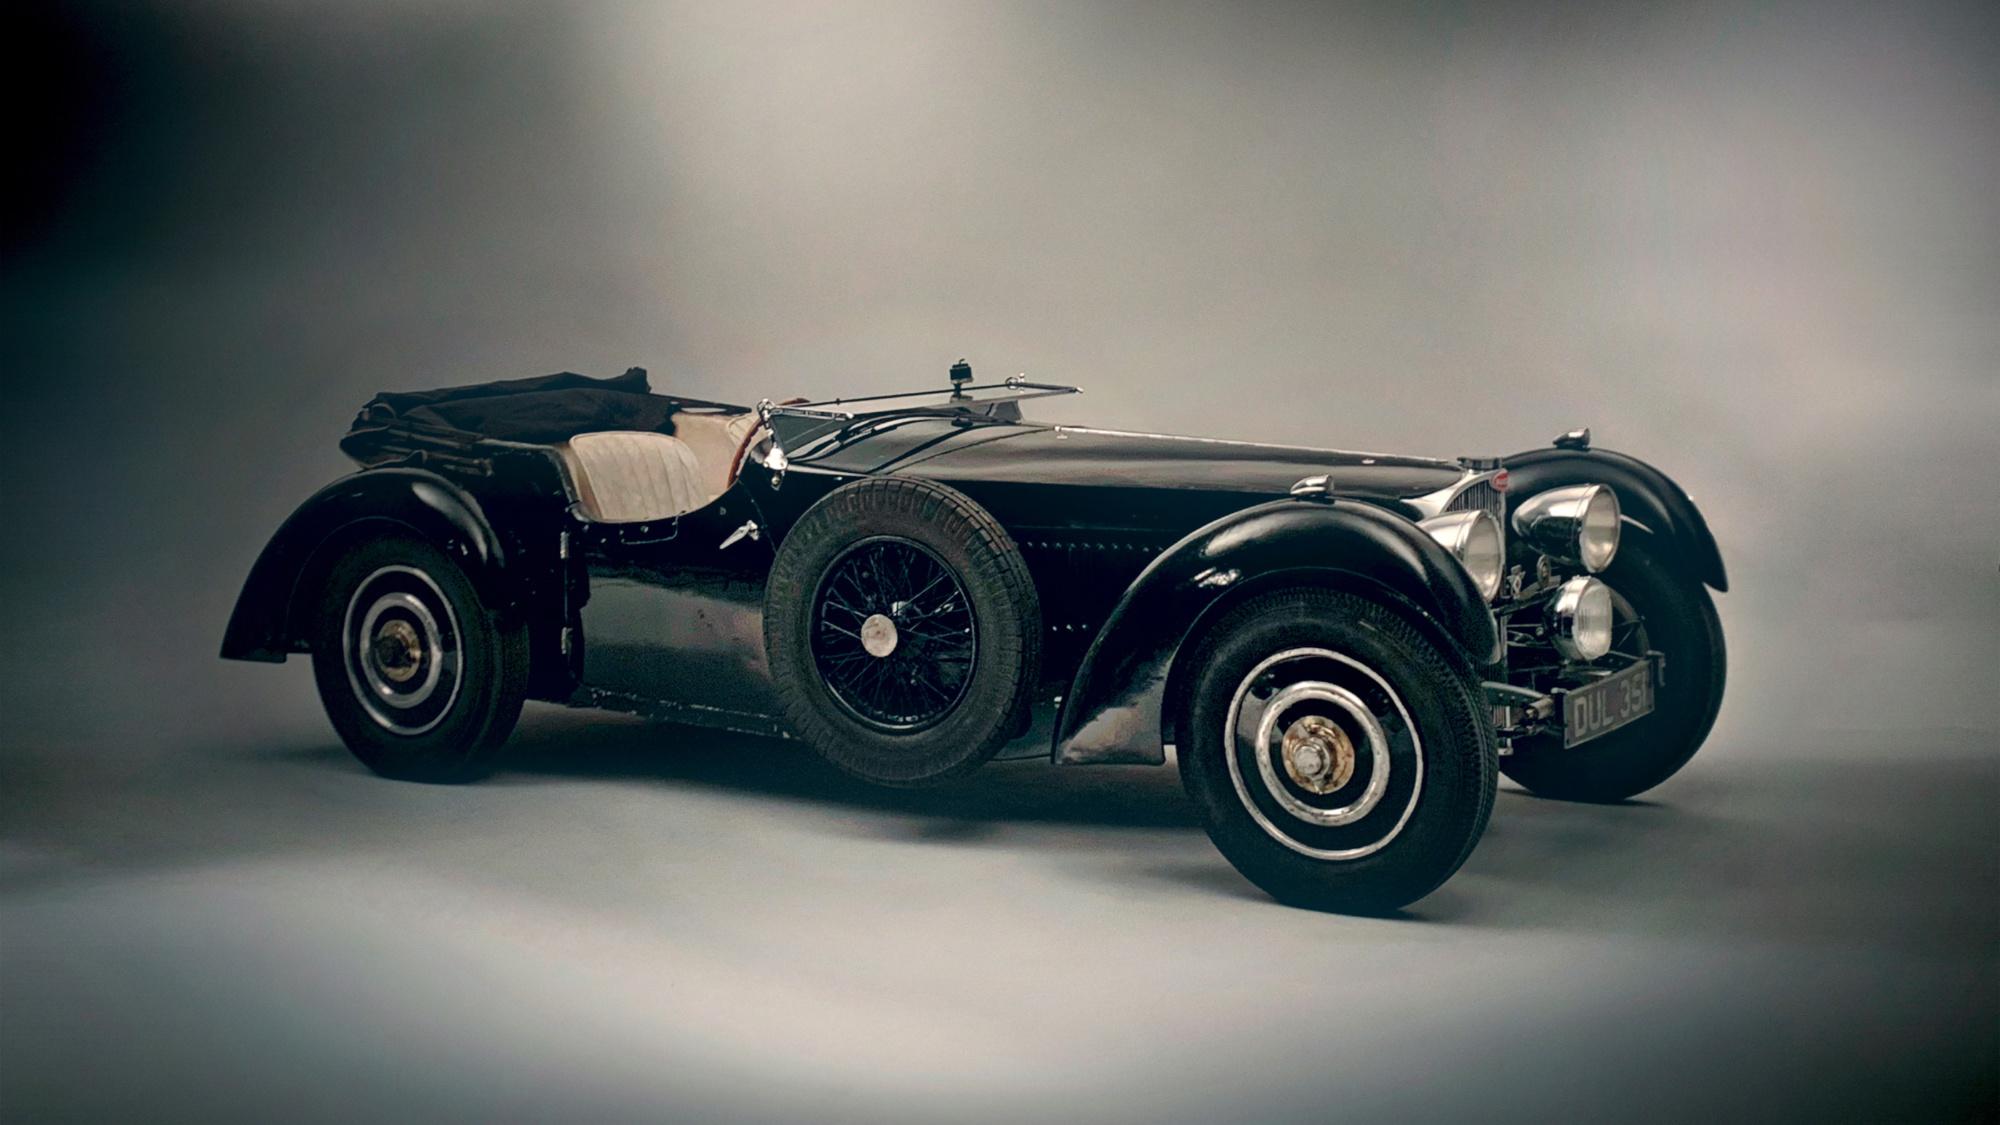 2021 Bonhams London Legends Of The Road Sale Auction Results Top Classic Car Auctions